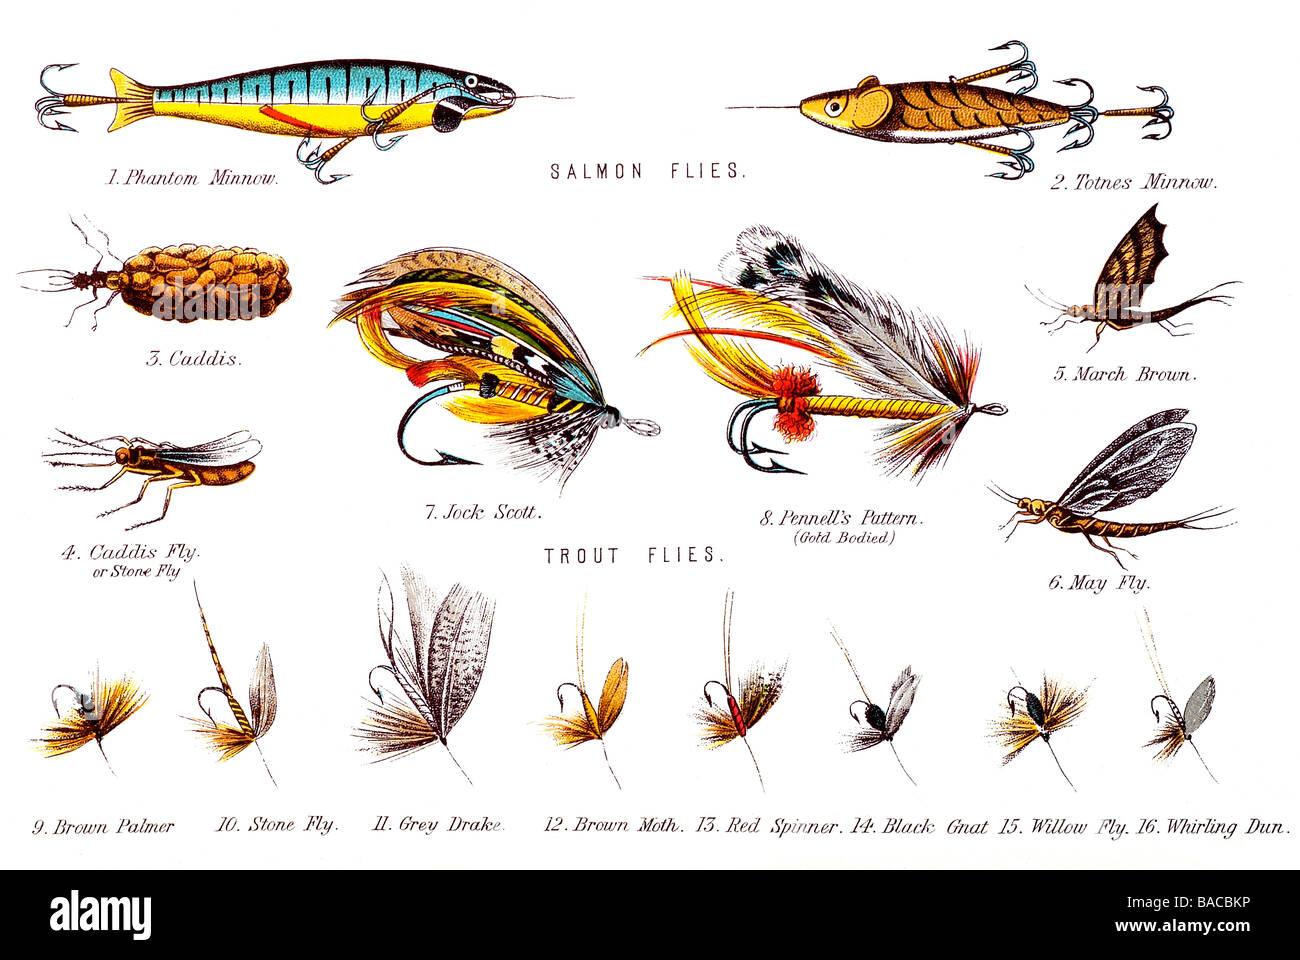 Fliegen Fischkoeder Schmetterling wie Trockenfliegen Koeder Haken fuer B GY 1X